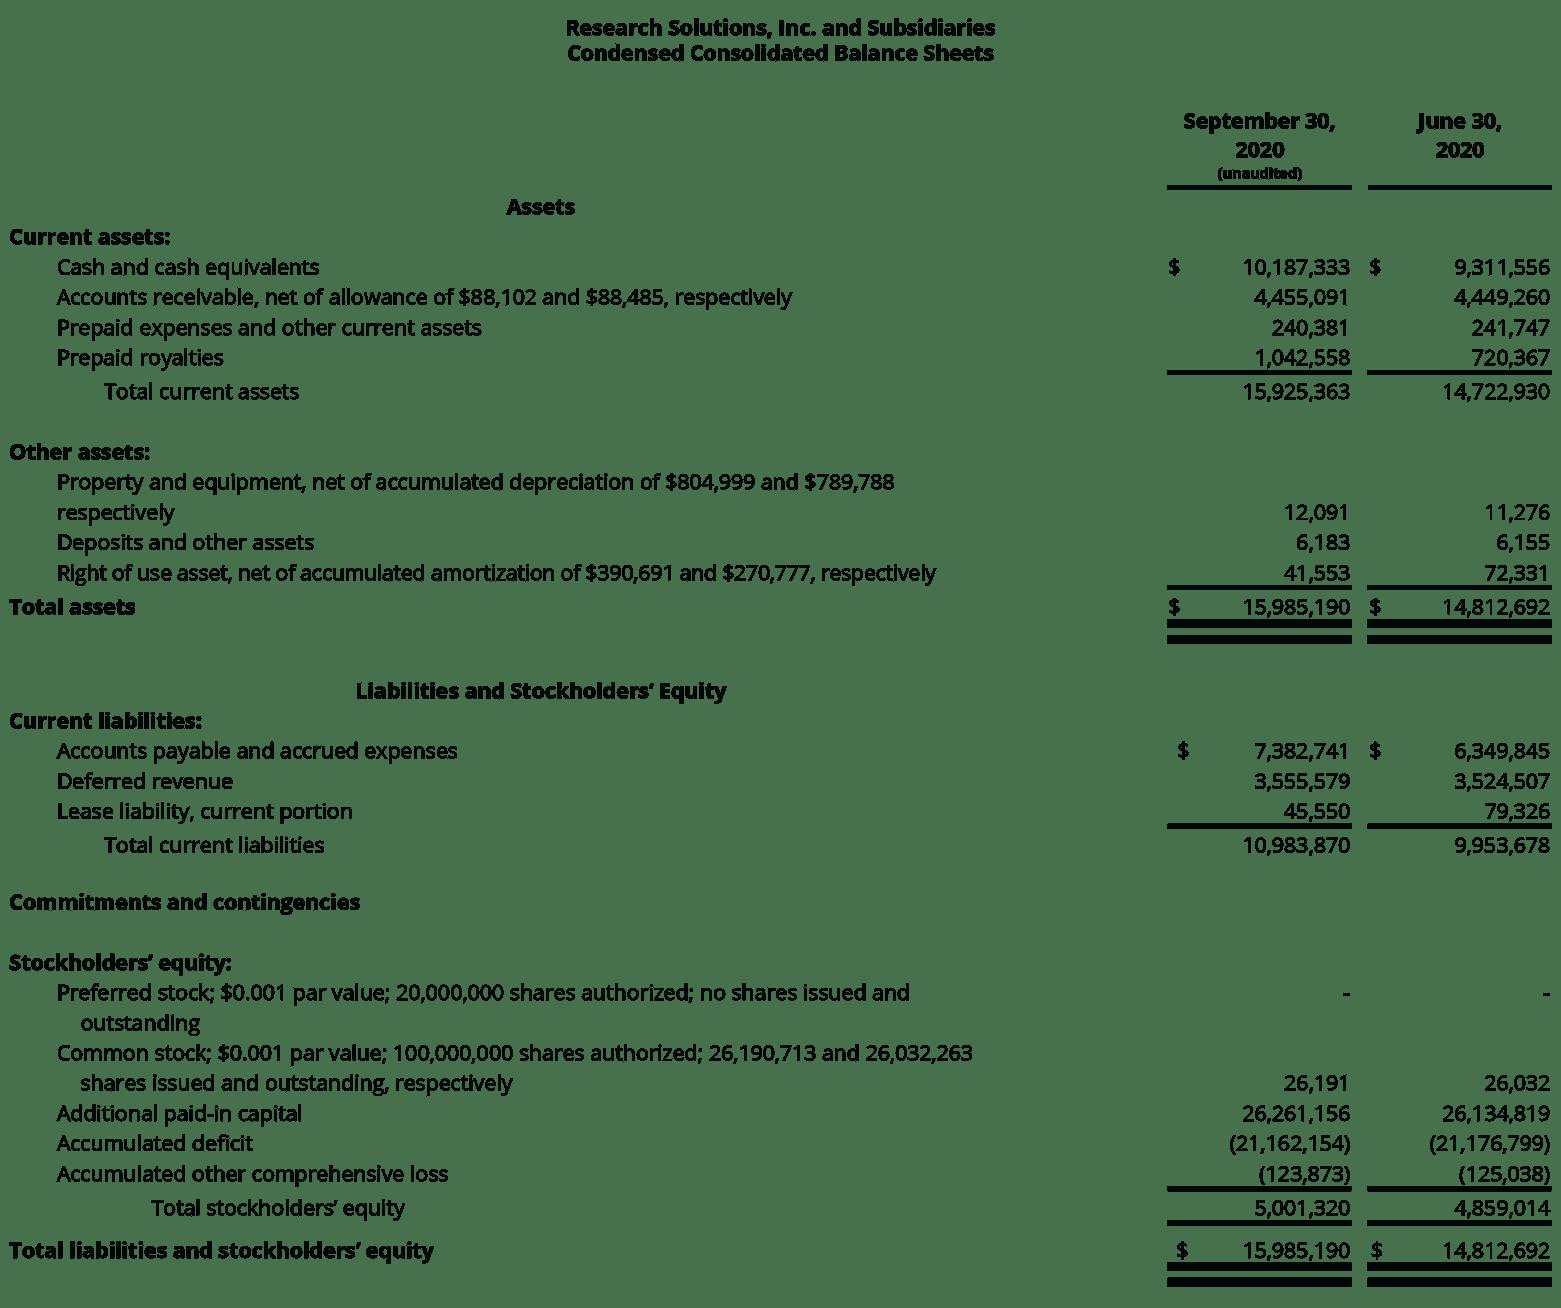 PressRelease-111720-C